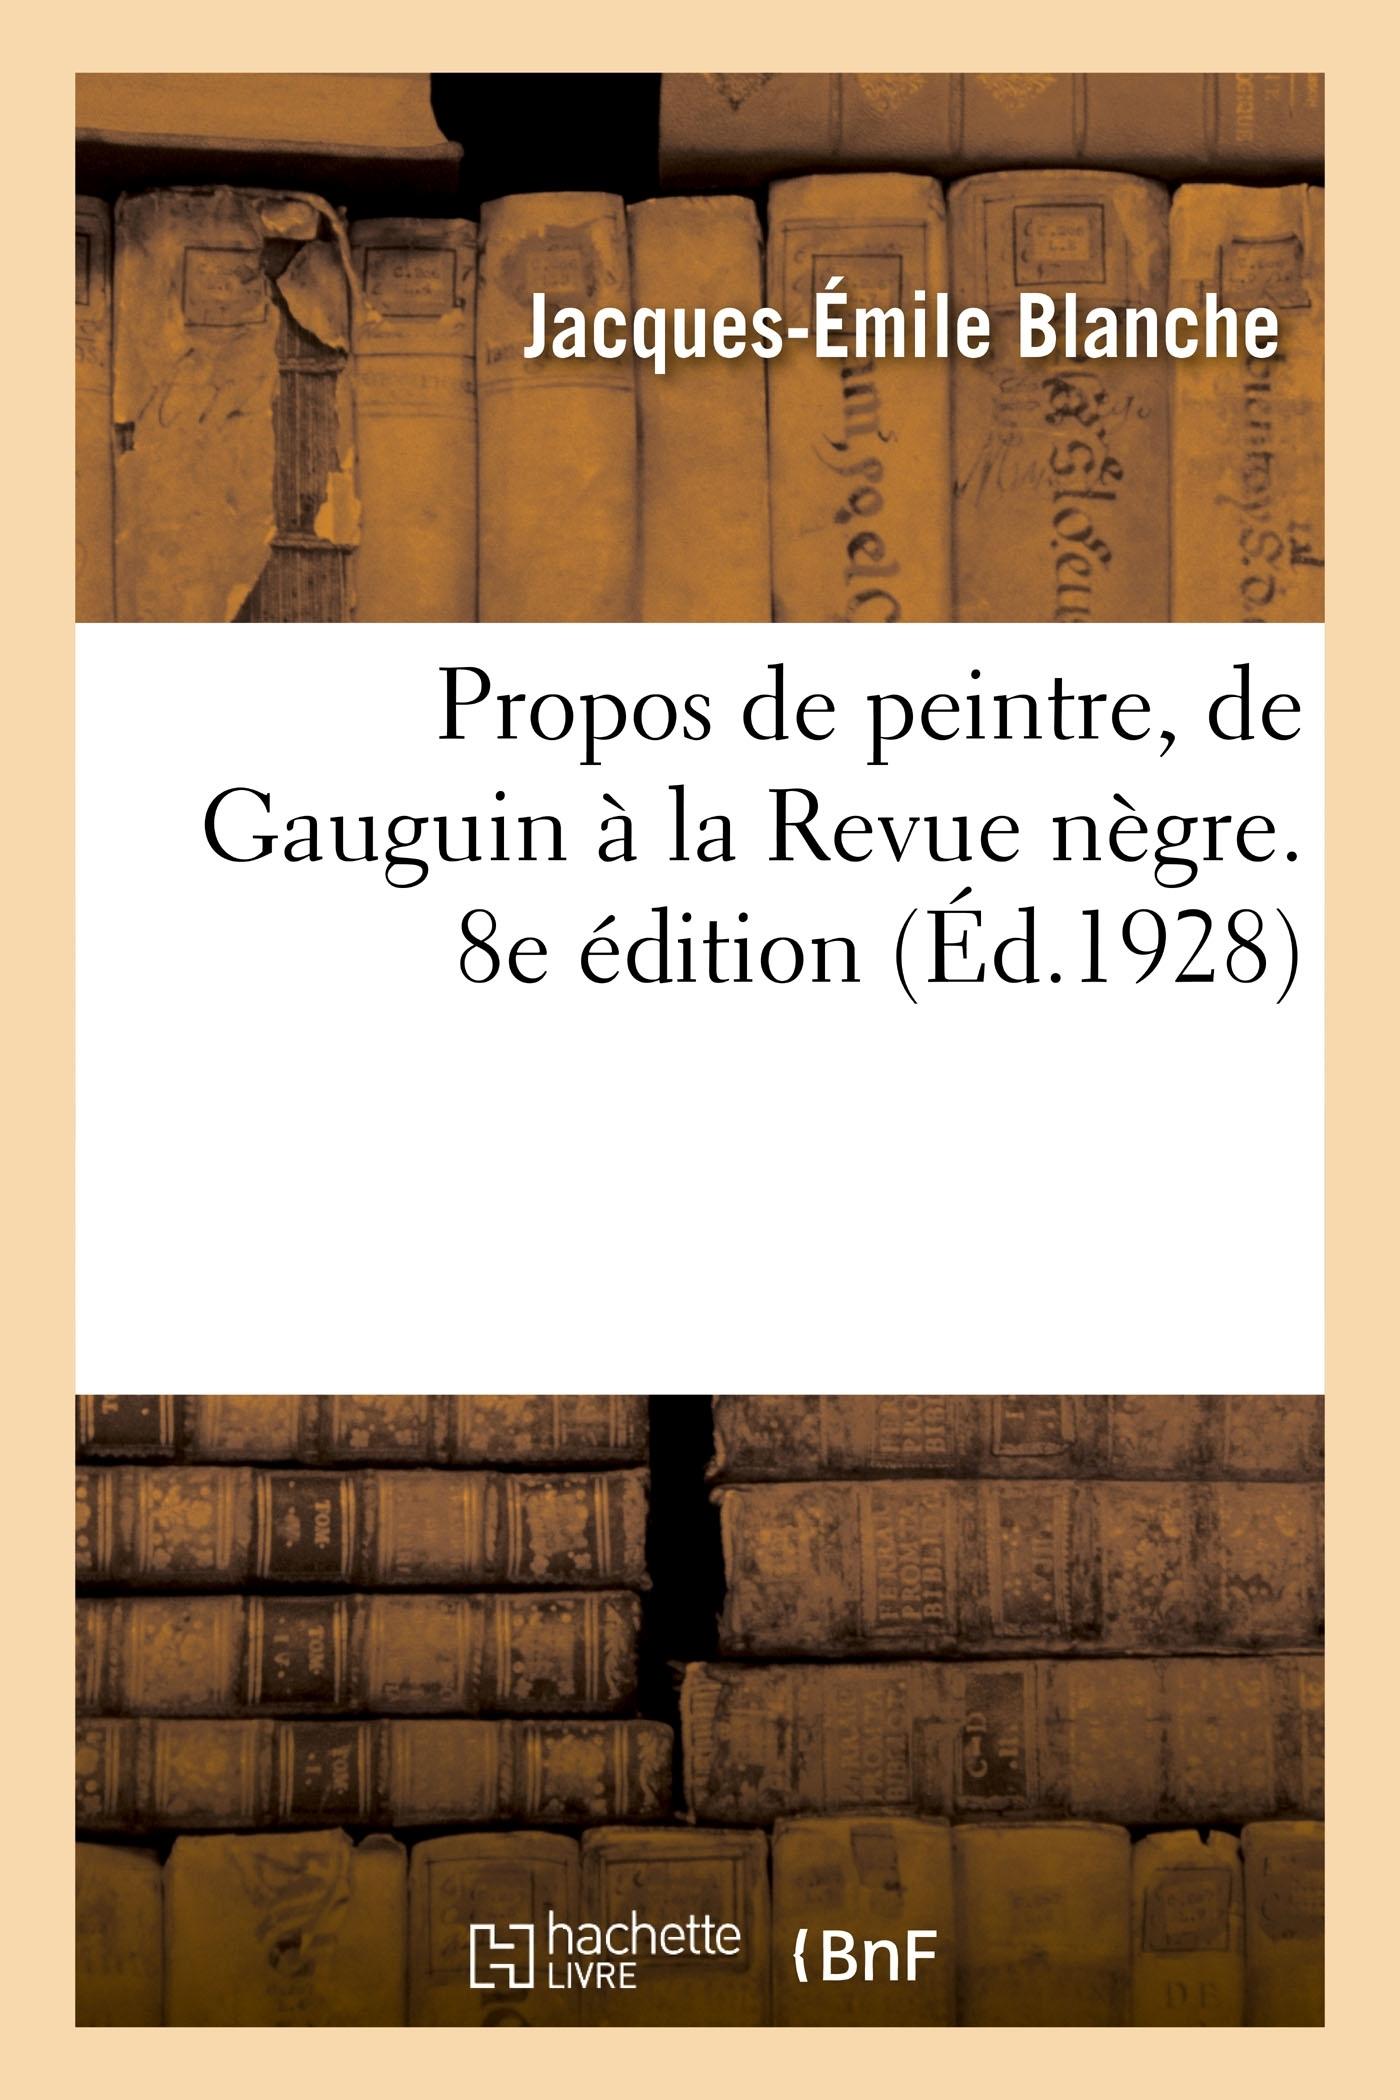 PROPOS DE PEINTRE, DE GAUGUIN A LA REVUE NEGRE. 8E EDITION. SERIE 3 - GAUGUIN, MONET, SARGENT, HELLE